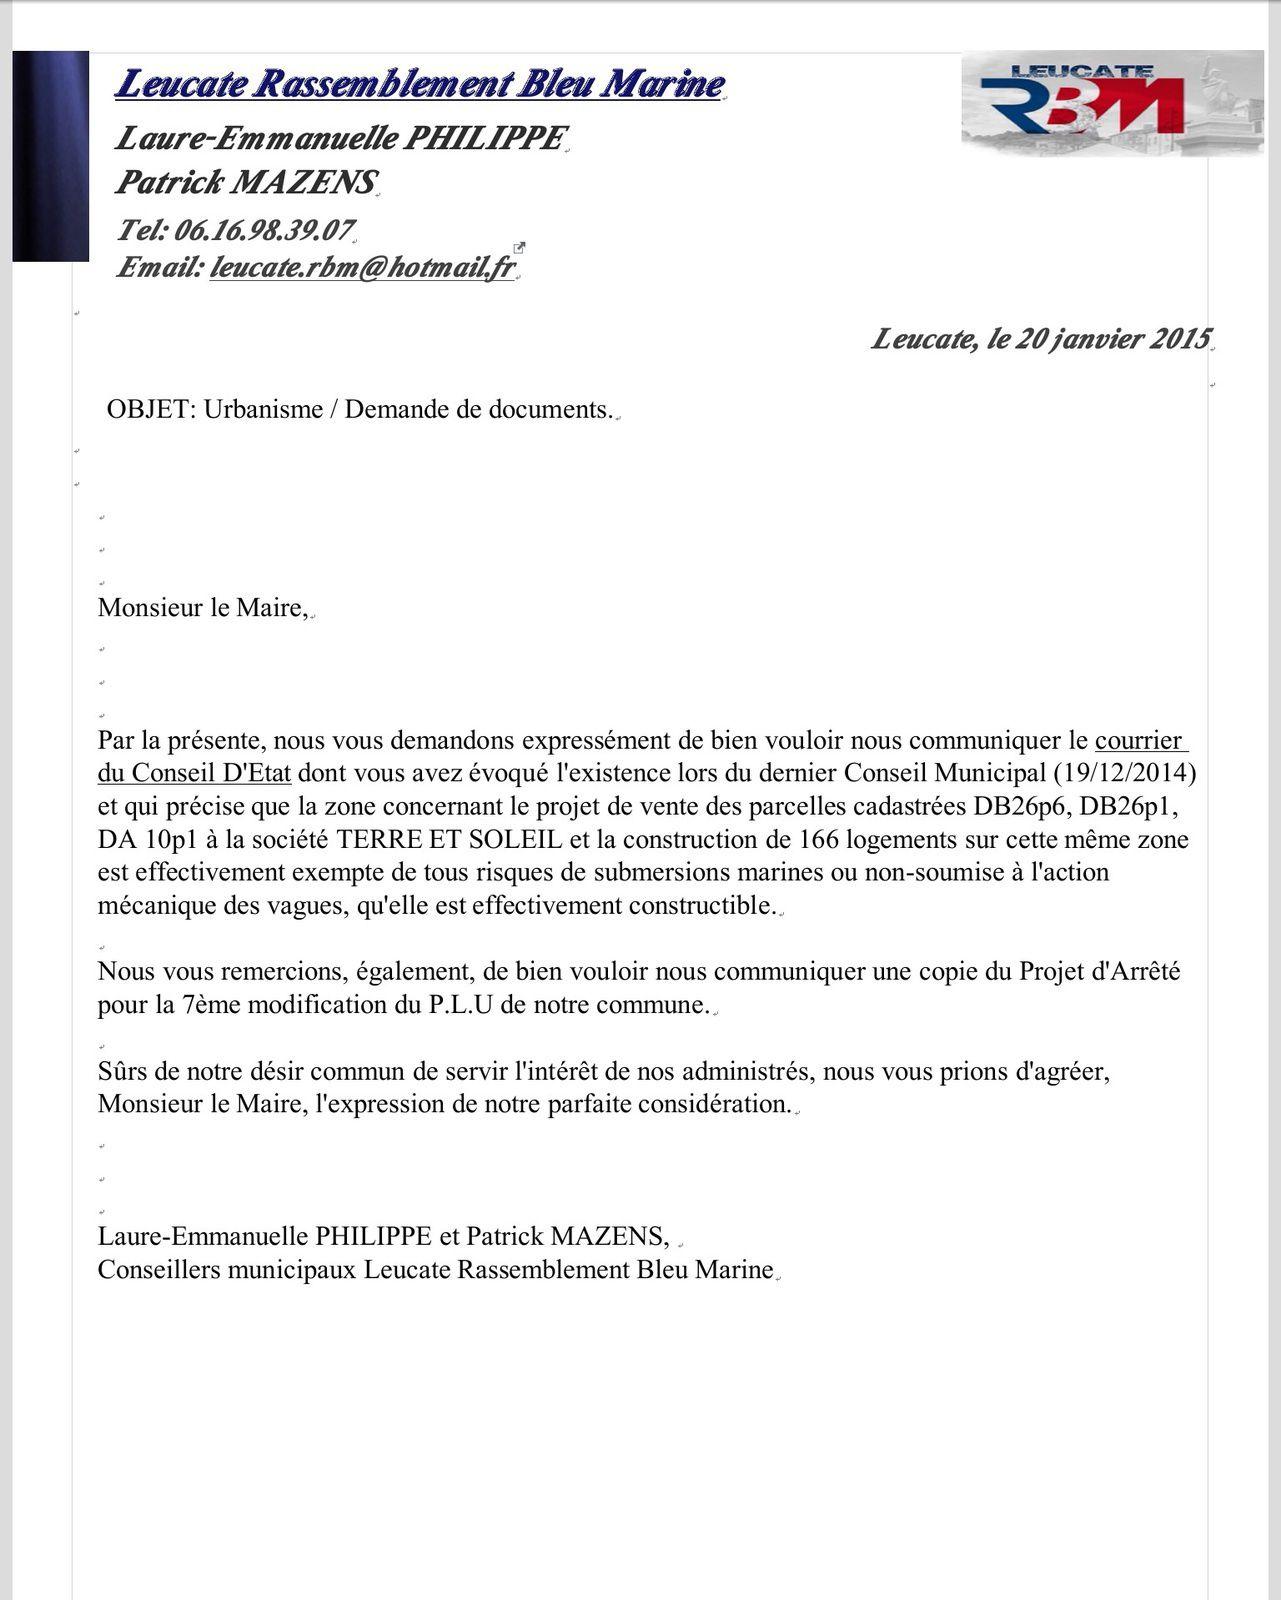 Dernier courrier de demande de documents à Monsieur le Maire...